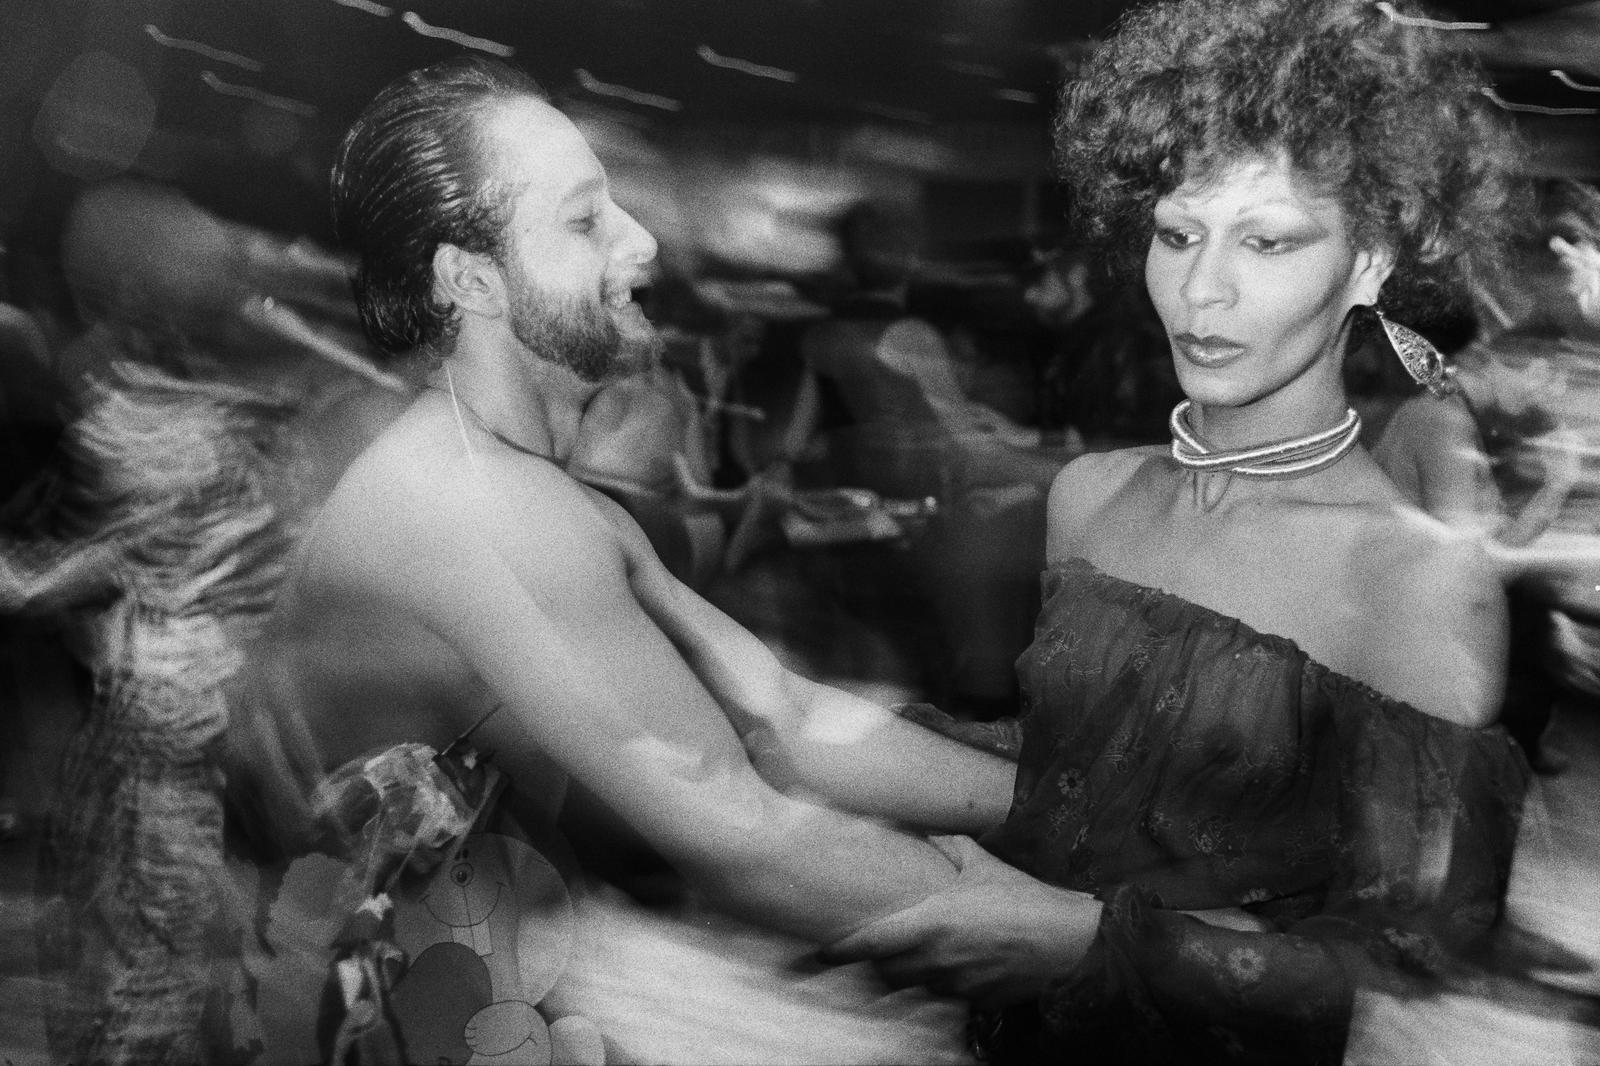 70年代美國紐約傳奇夜店「Studio 54」,政商名流性解放、嬉皮爆棚的 Disco 盛世7